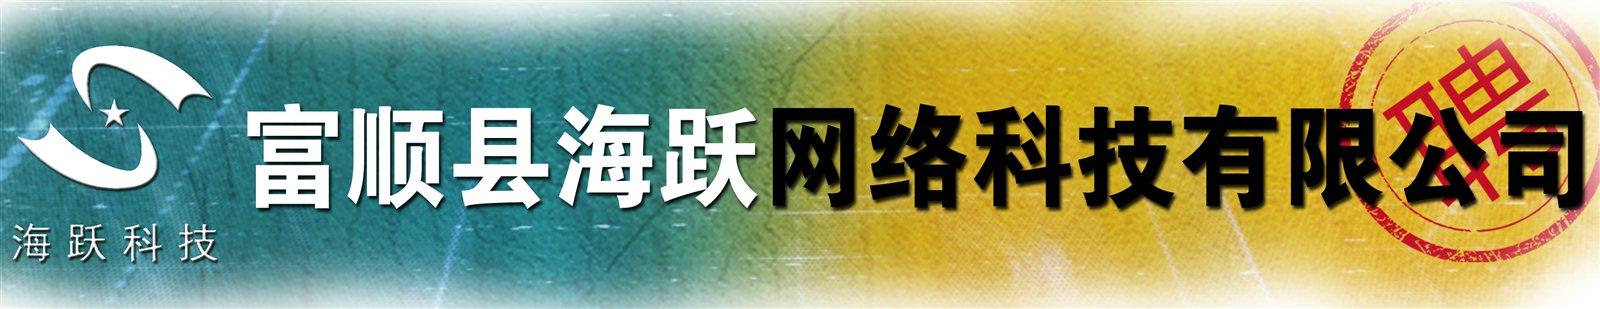 富顺县海跃网络科技有限公司